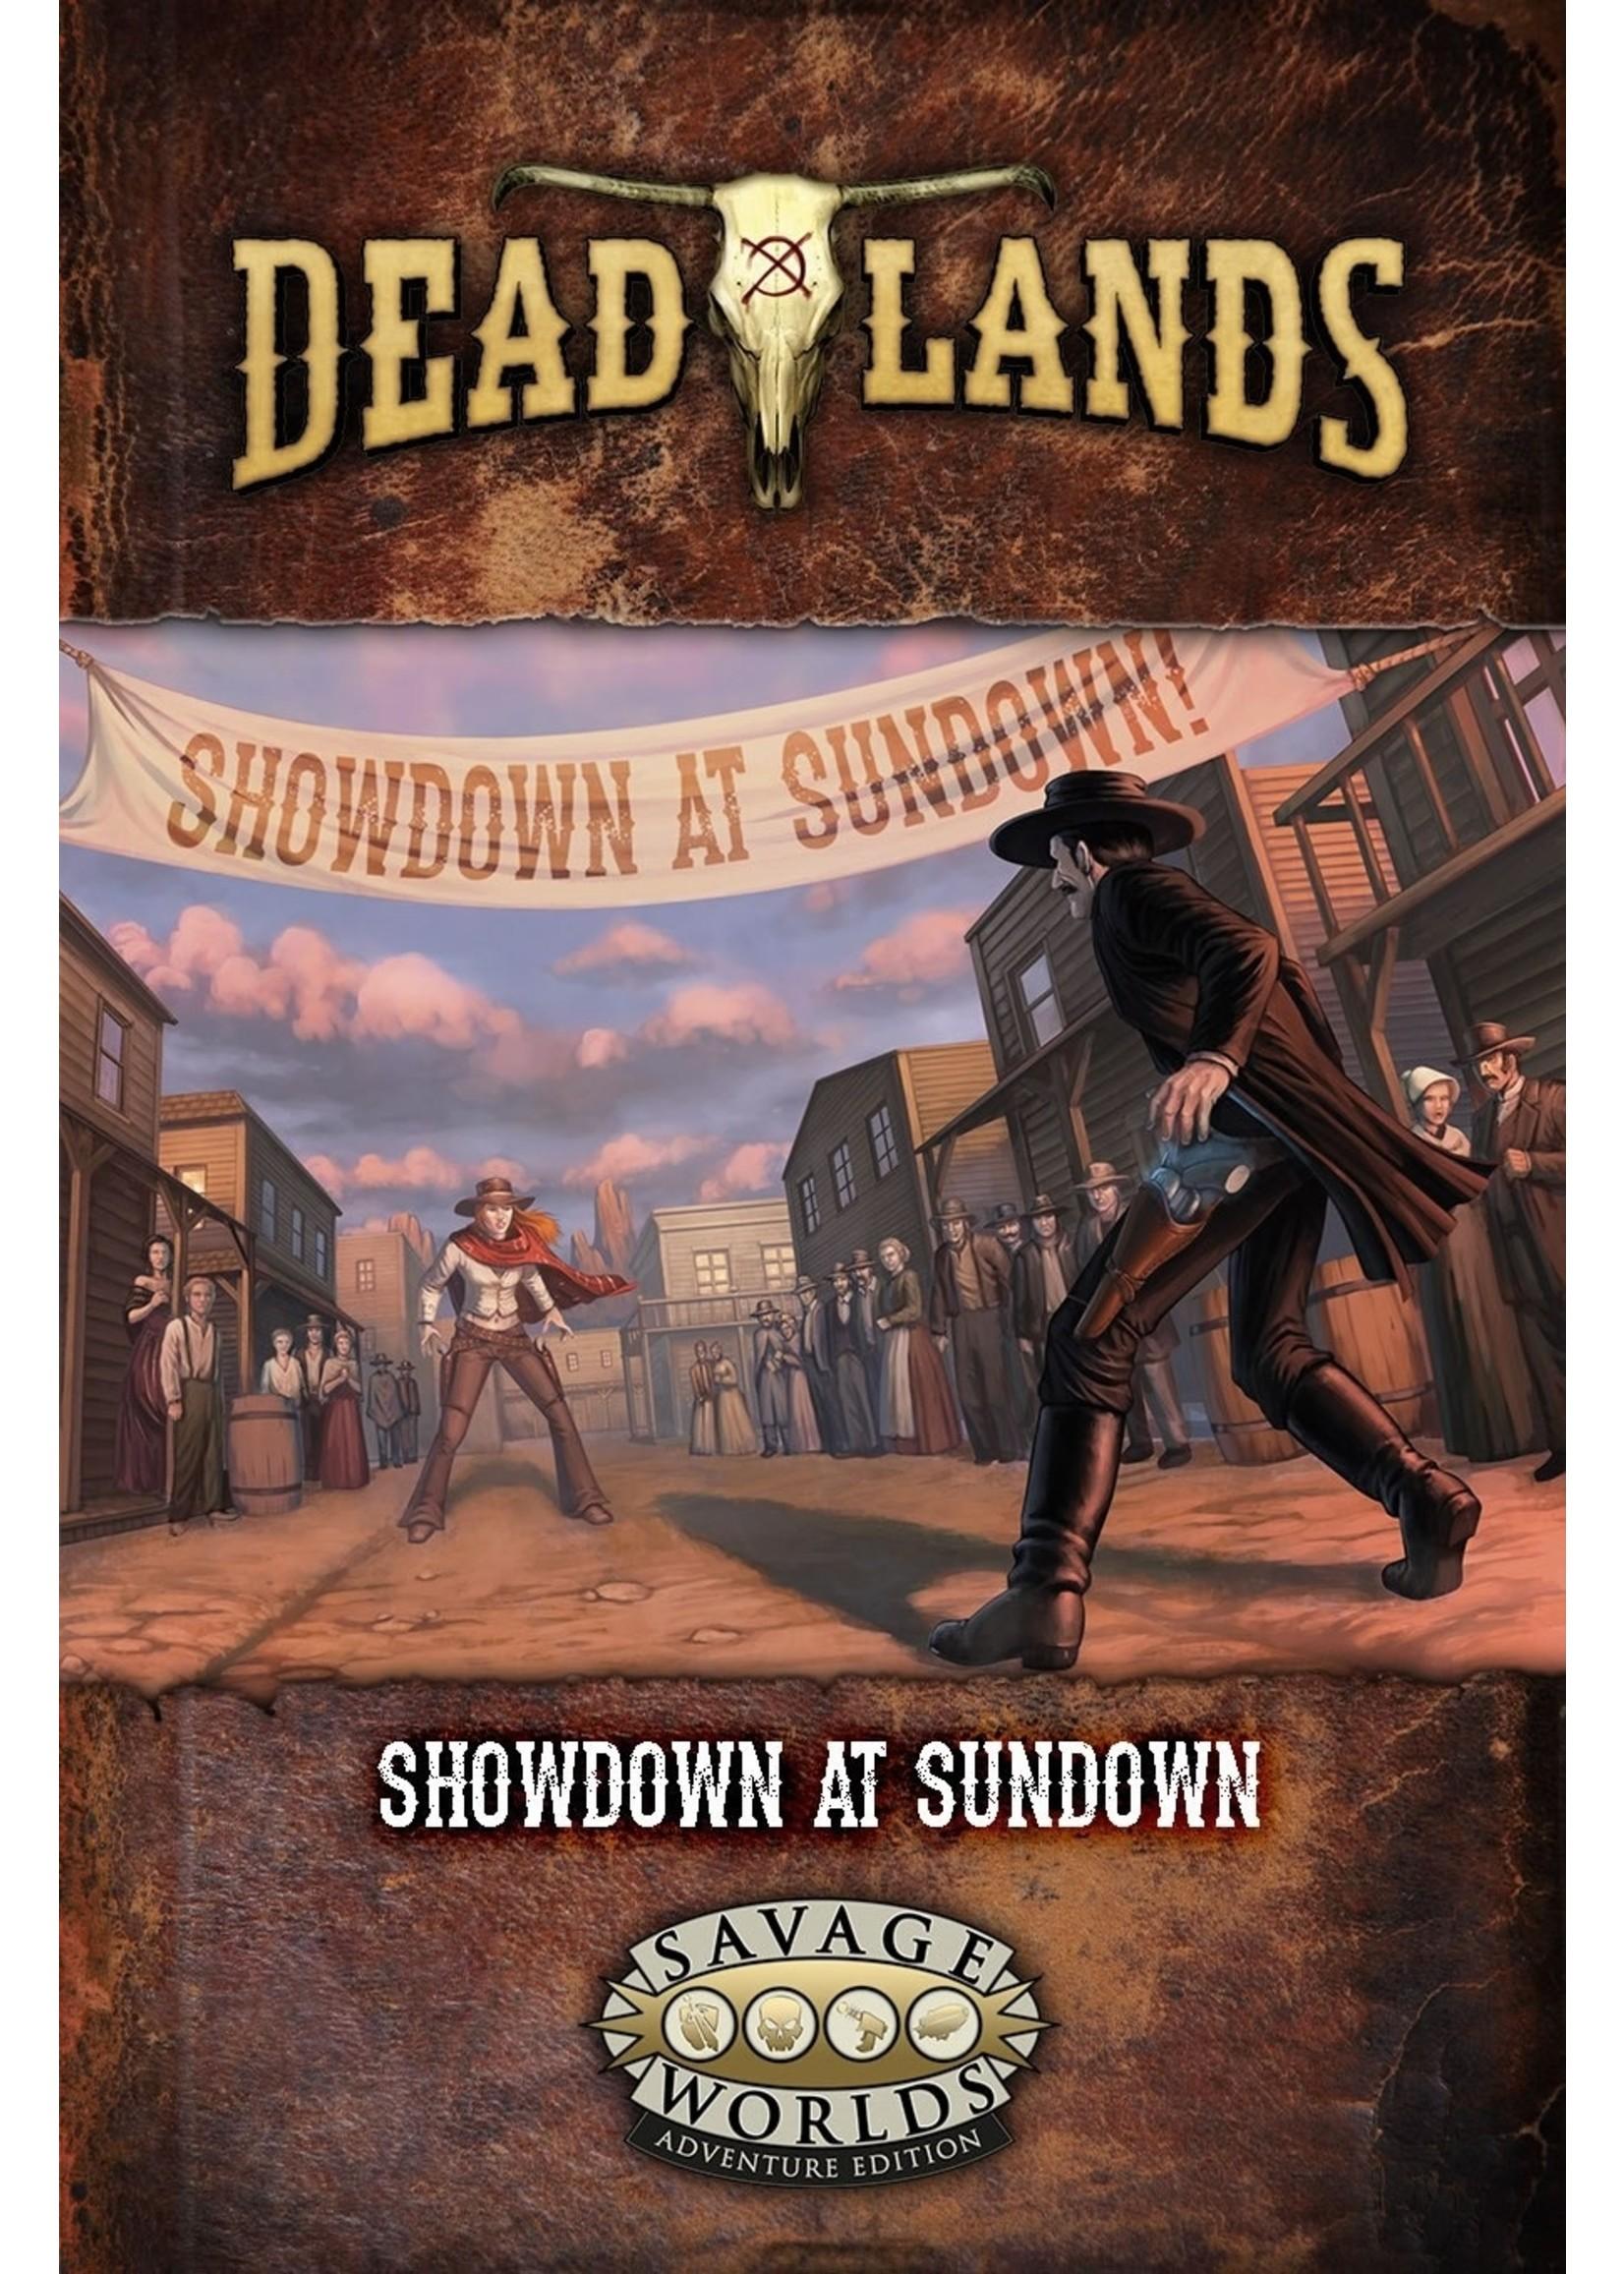 Savage Worlds RPG: Deadlands - The Weird West GM Screen & Adventure